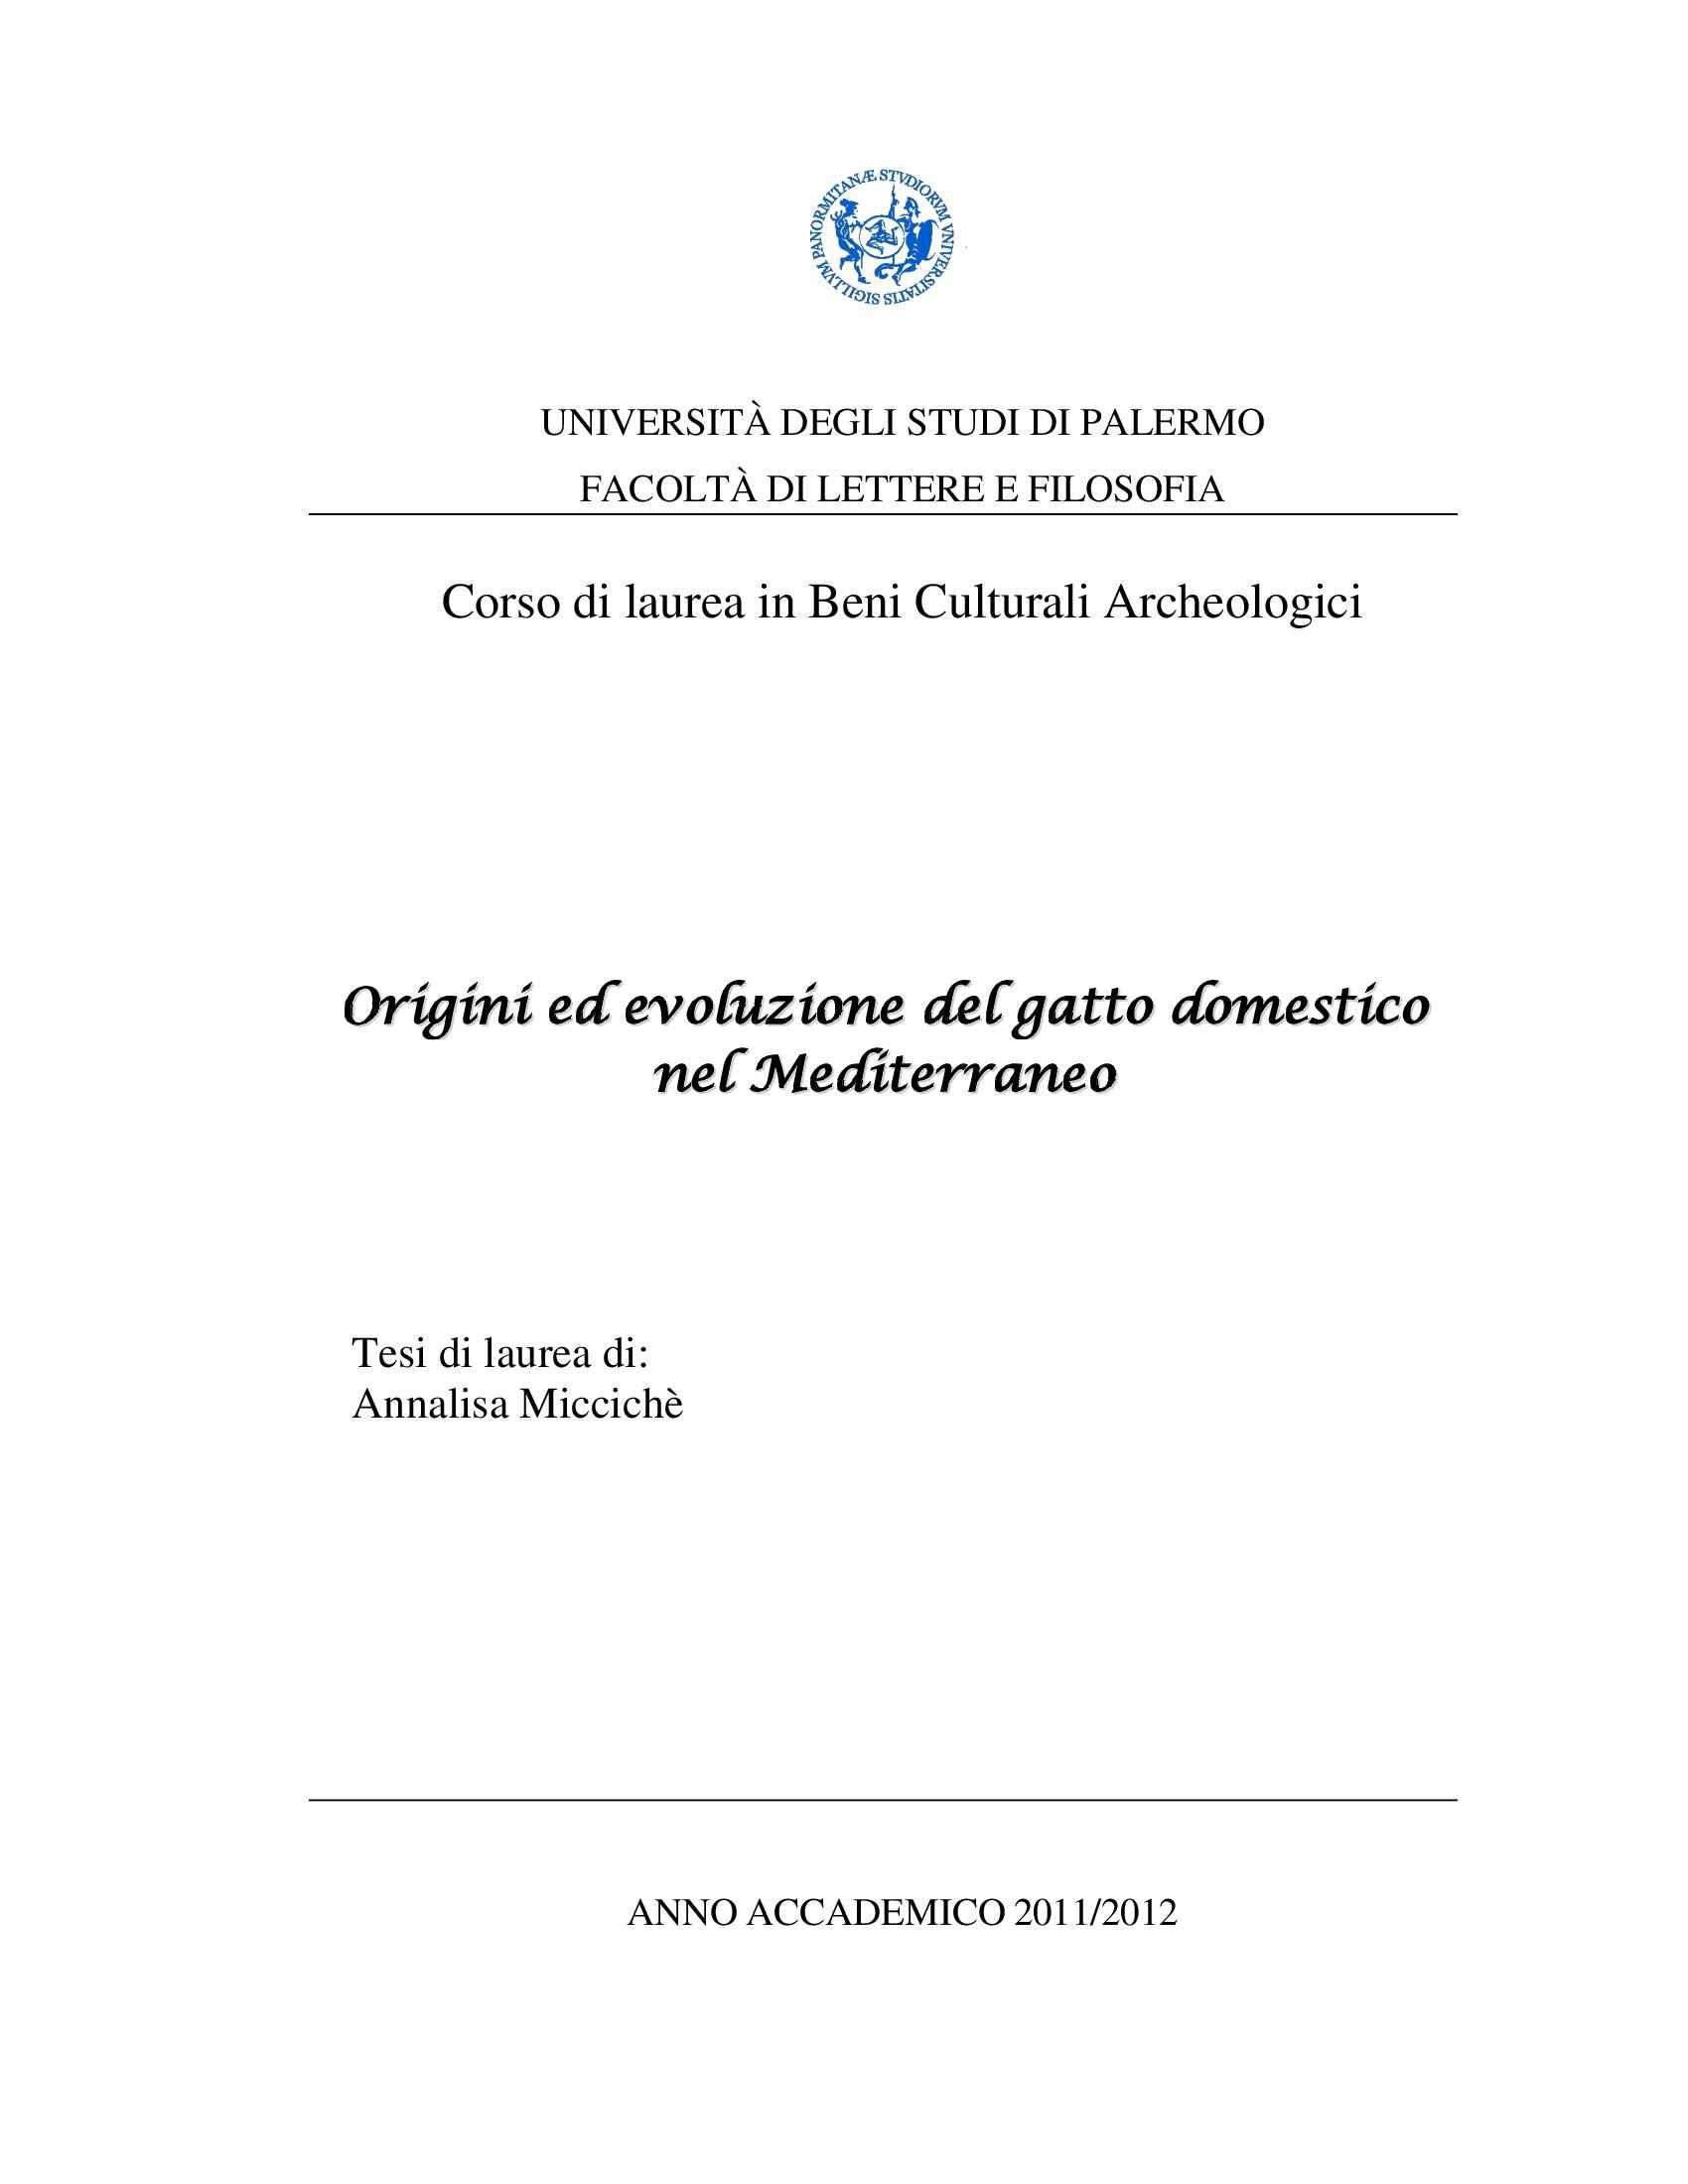 Tesi - Origini ed evoluzione del gatto domestico nel Mediterraneo